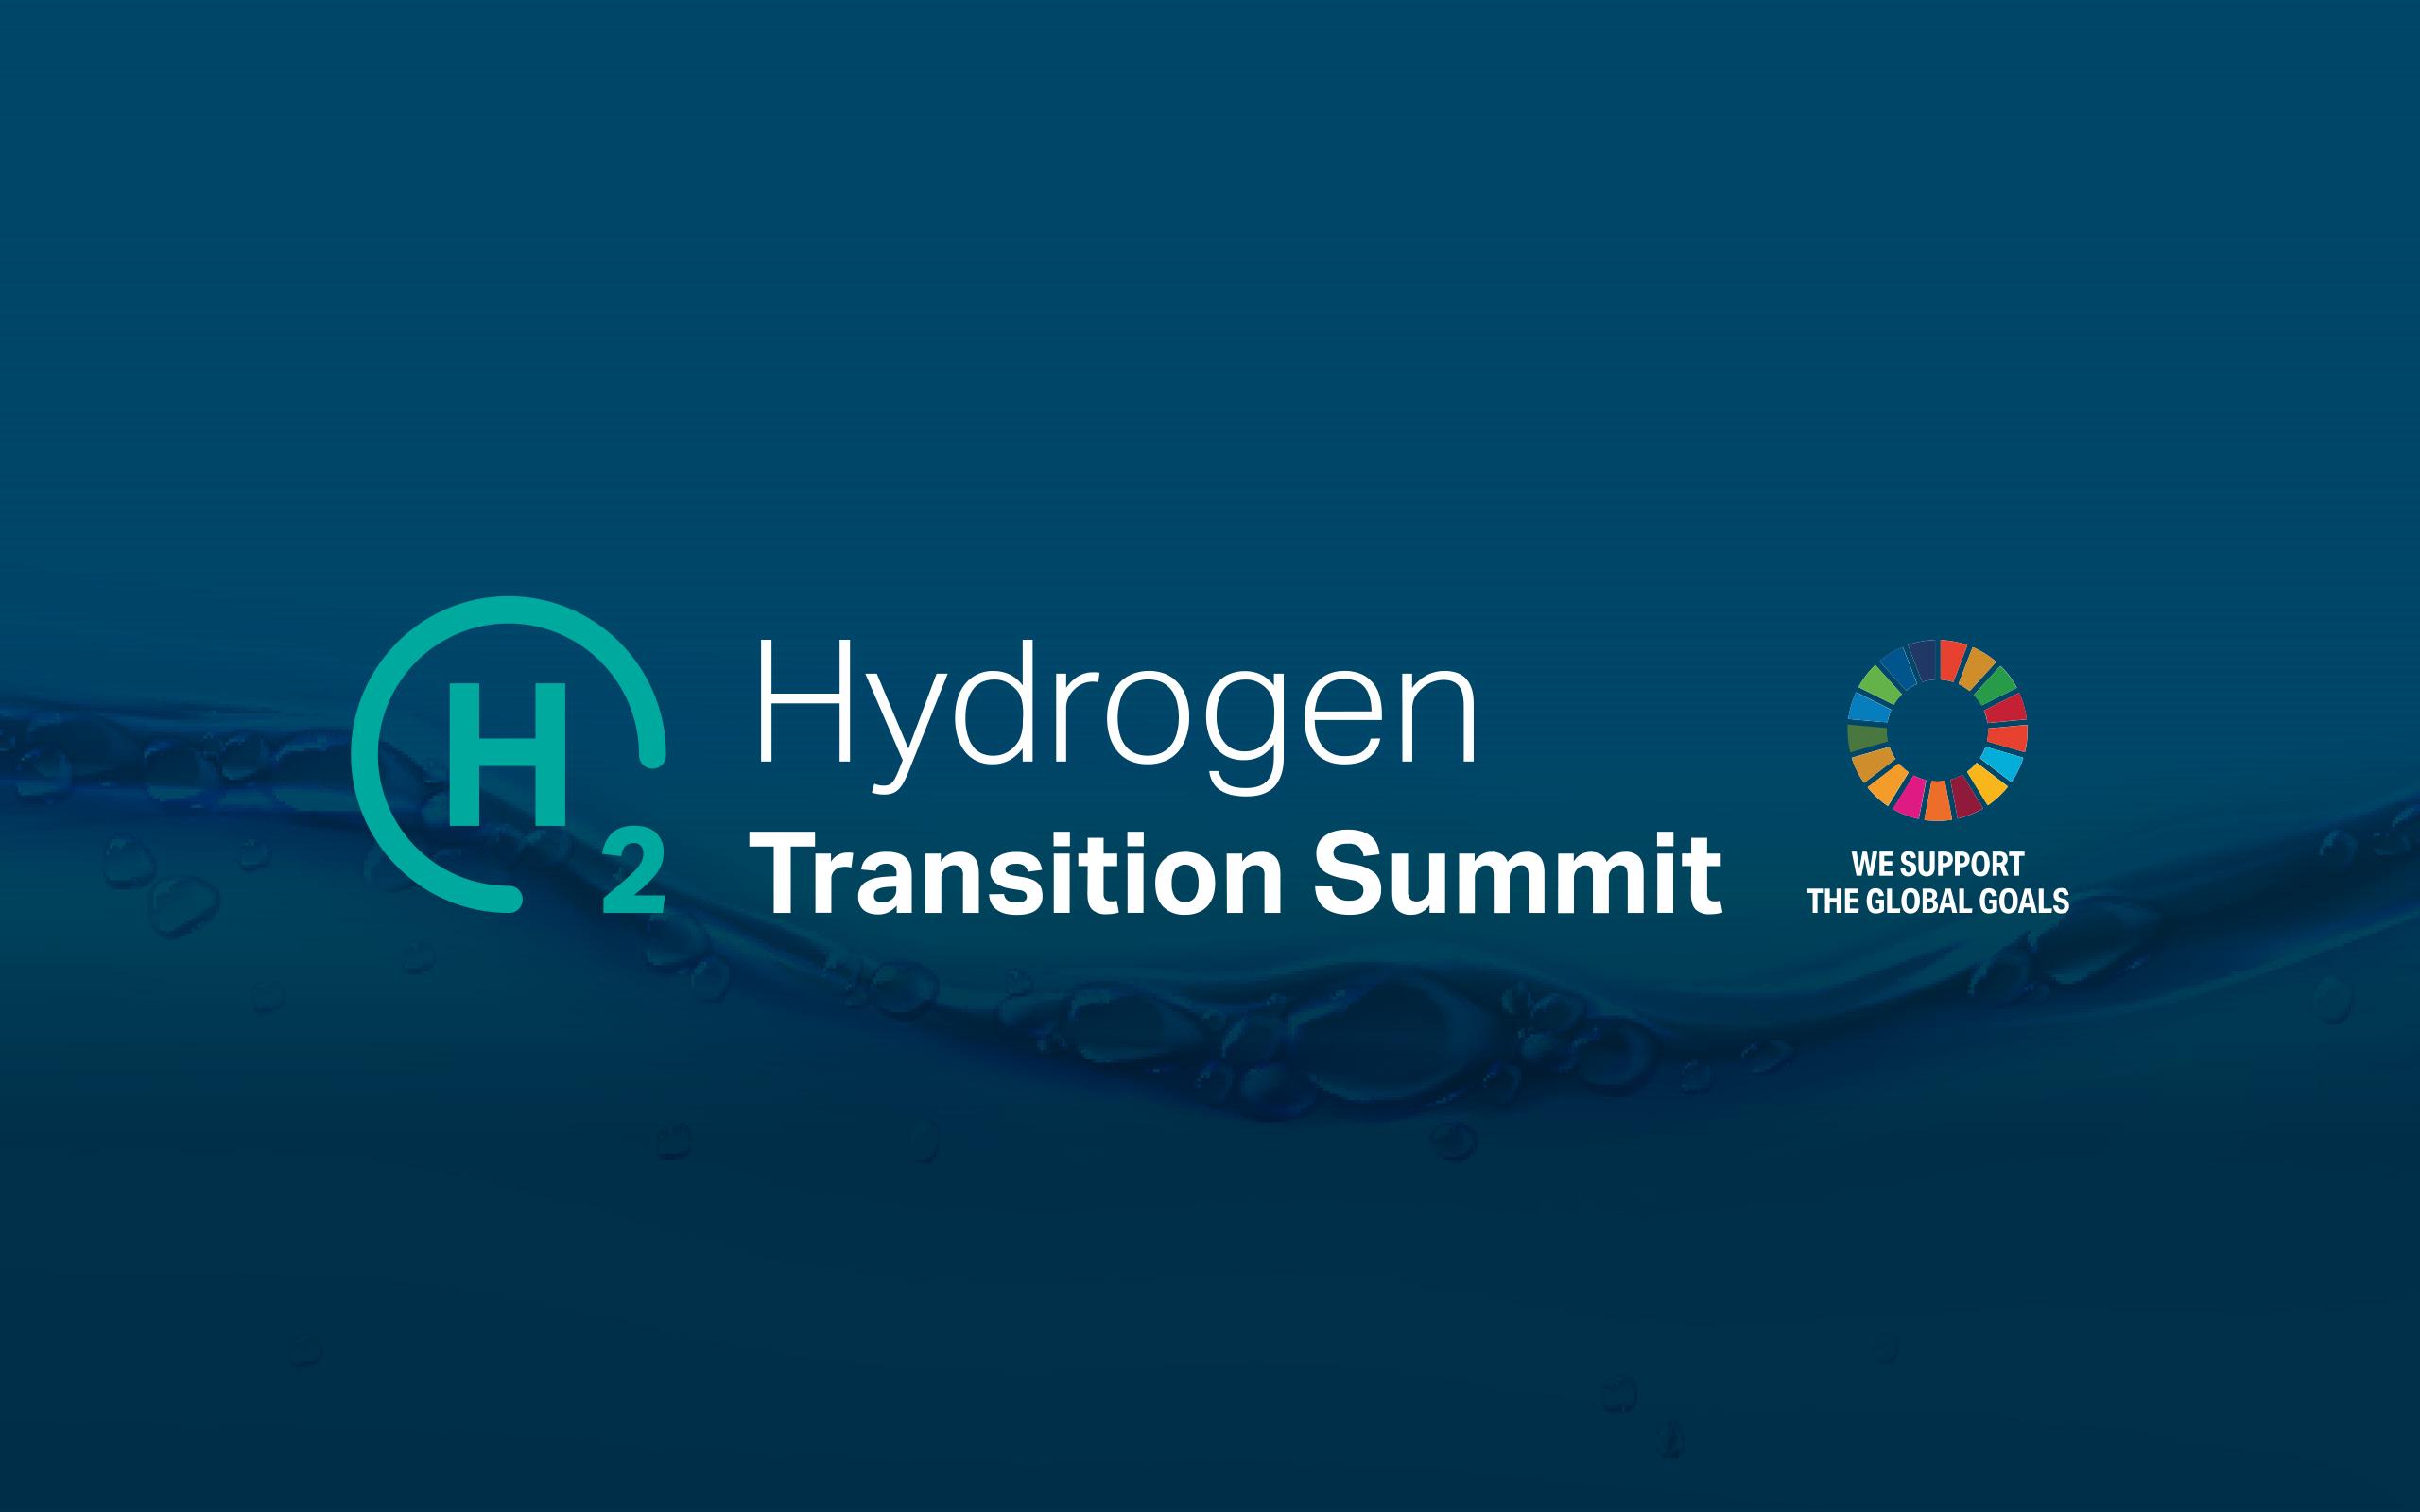 Hydrogen Transition Summit